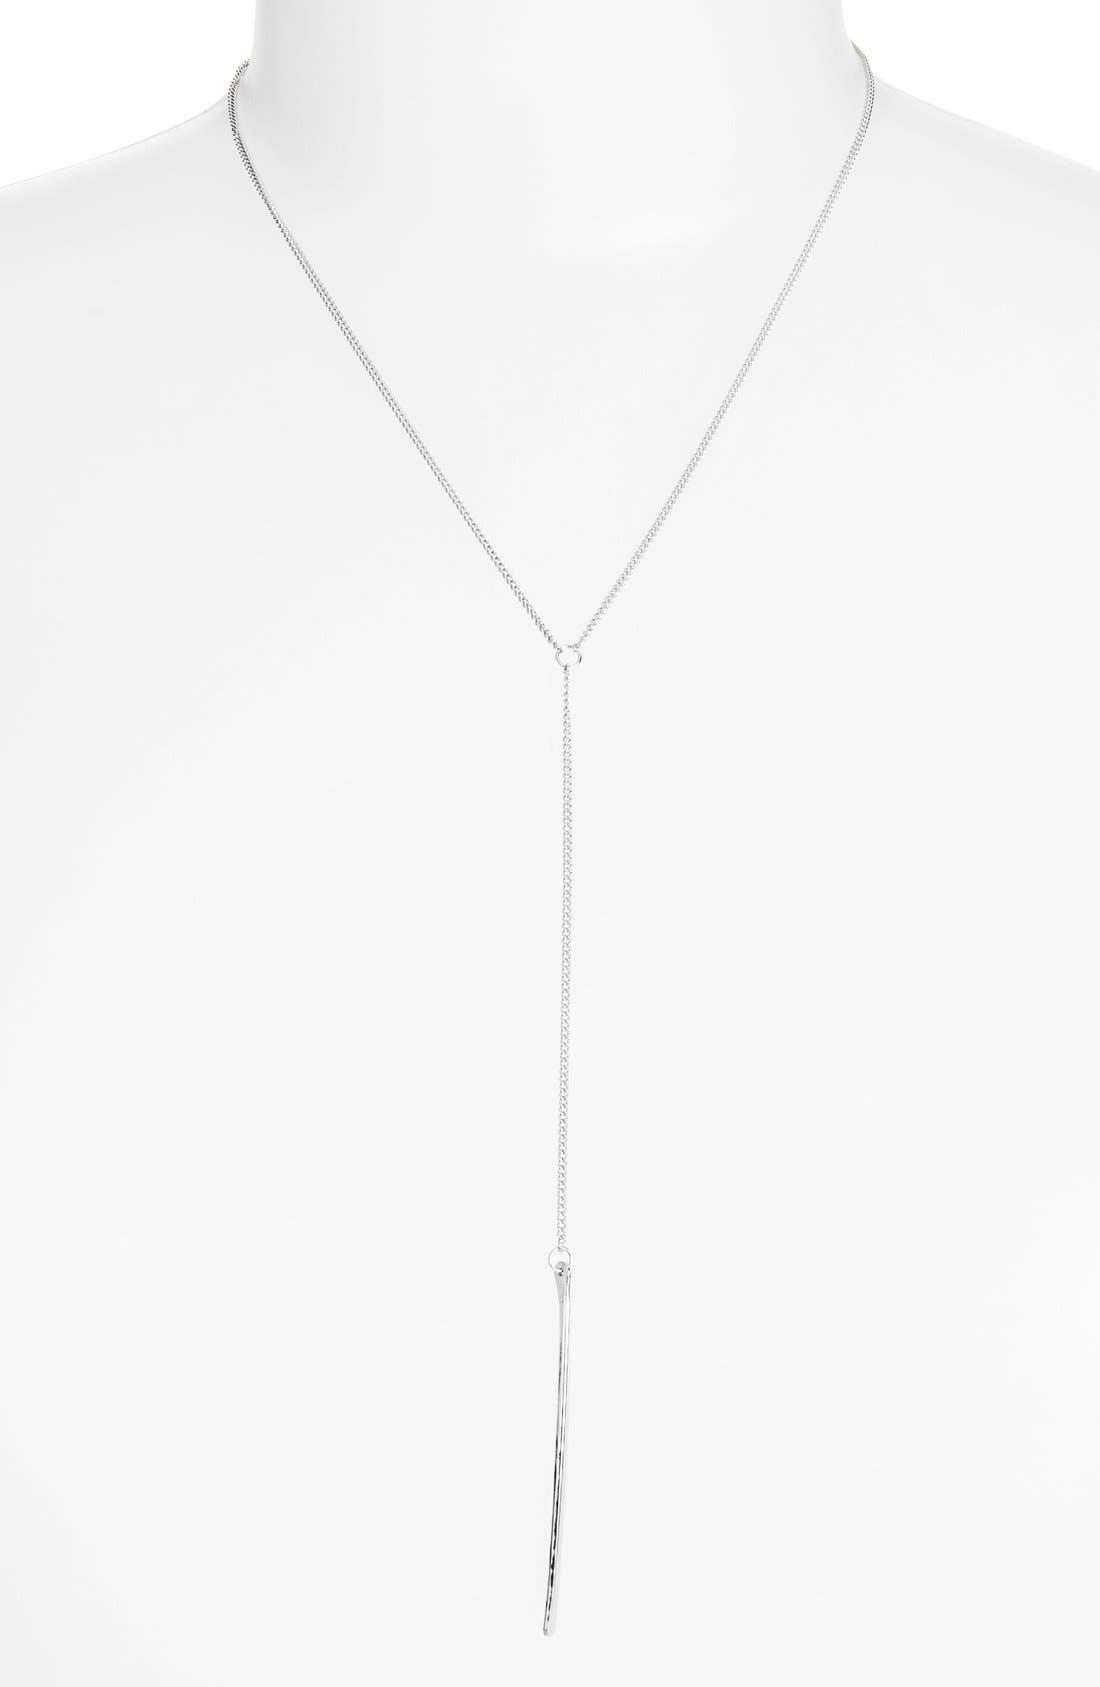 Main Image - Ija Long Bar Y-Necklace